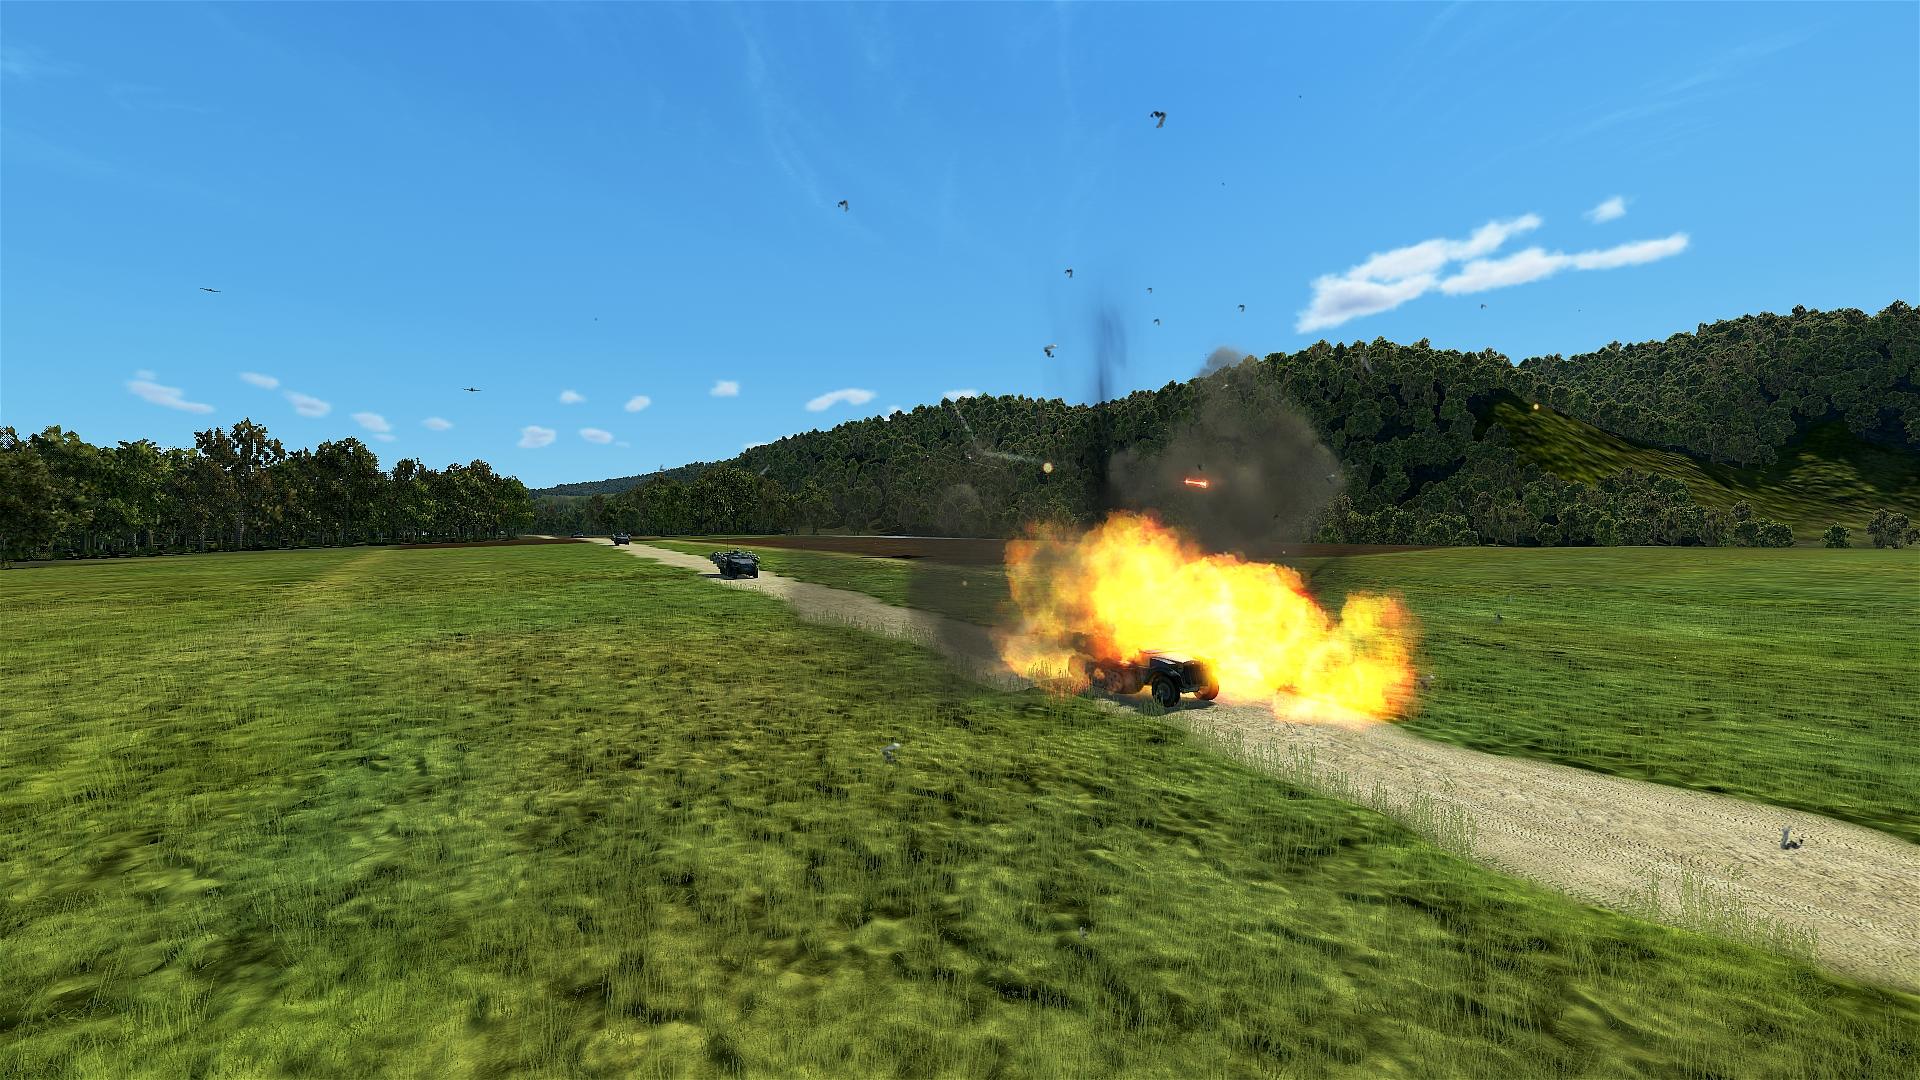 Un ptit CR en image de  la sortie de vendredi sur les Fnbf avec les NN en bomber ! 41600476991_390b77ddf4_o